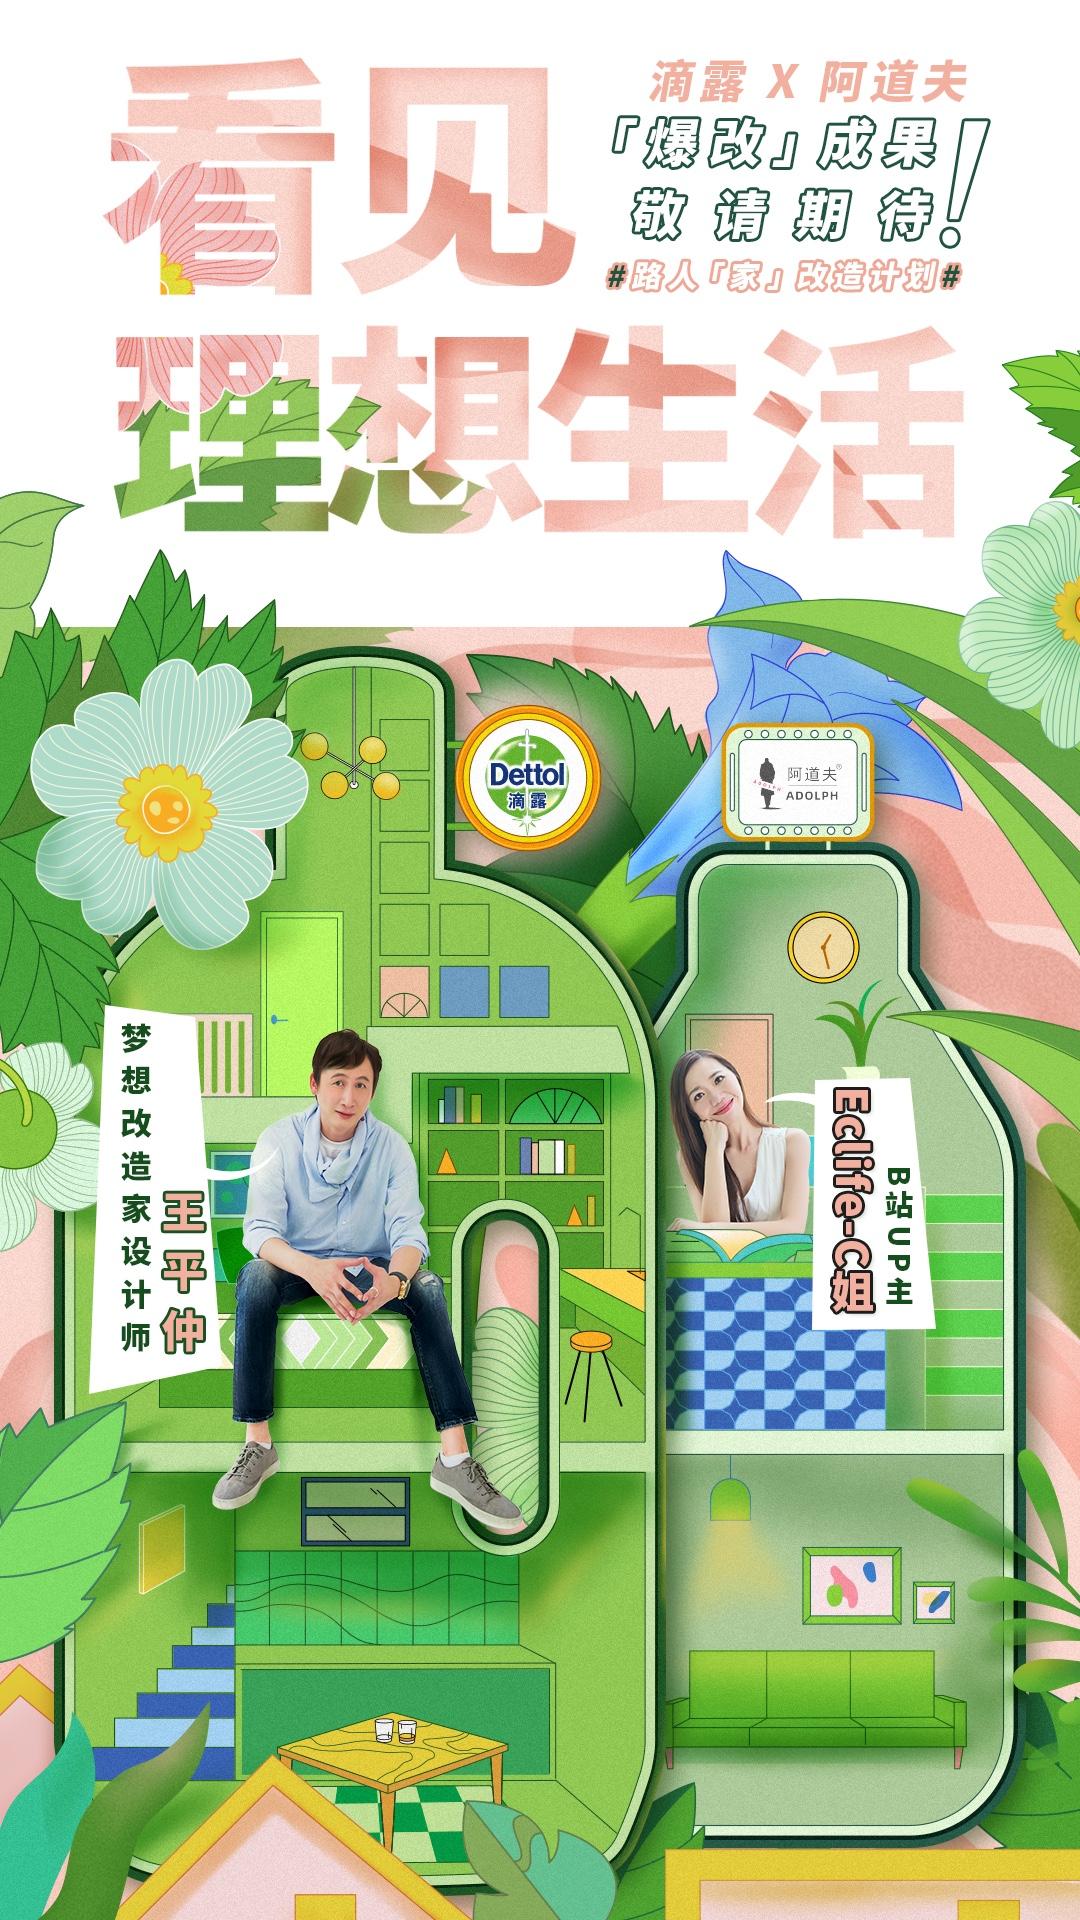 滴露_主视觉海报.jpg